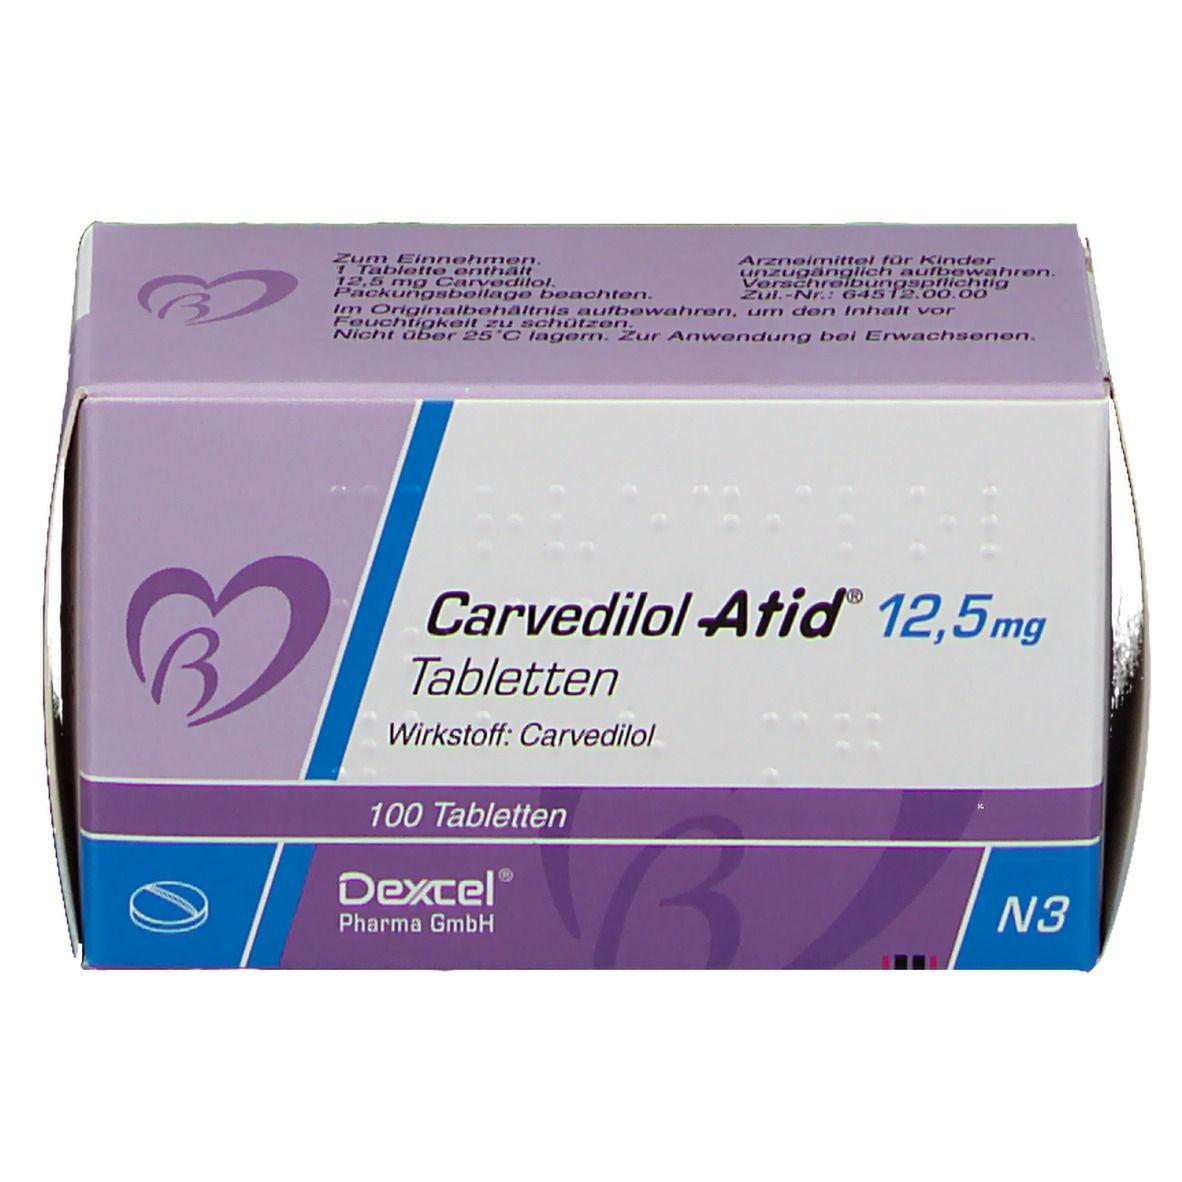 CARVEDILOL Atid 12,5 mg Tabletten